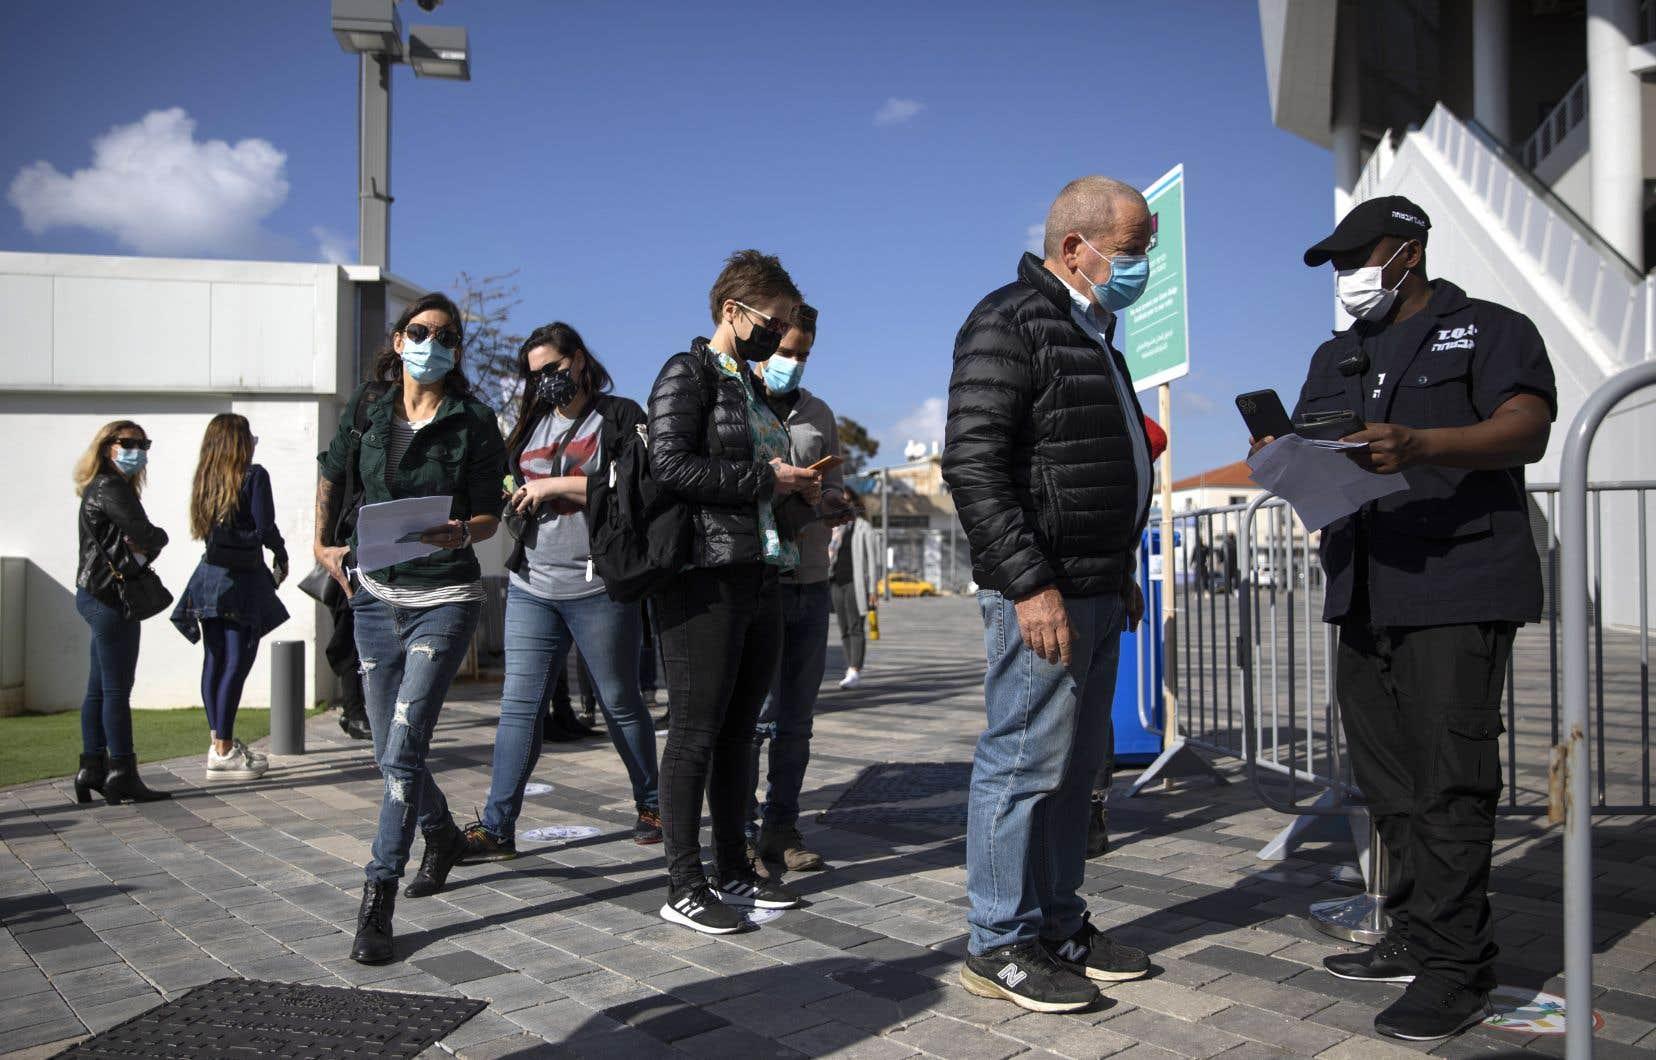 Des citoyens faisaient la file, brandissant leur certificat de vaccination, pour accéder à un concert à Tel-Aviv. Israël a récemment mis en place un système permettant l'accès aux salles de sport, aux théâtres et aux restaurants.